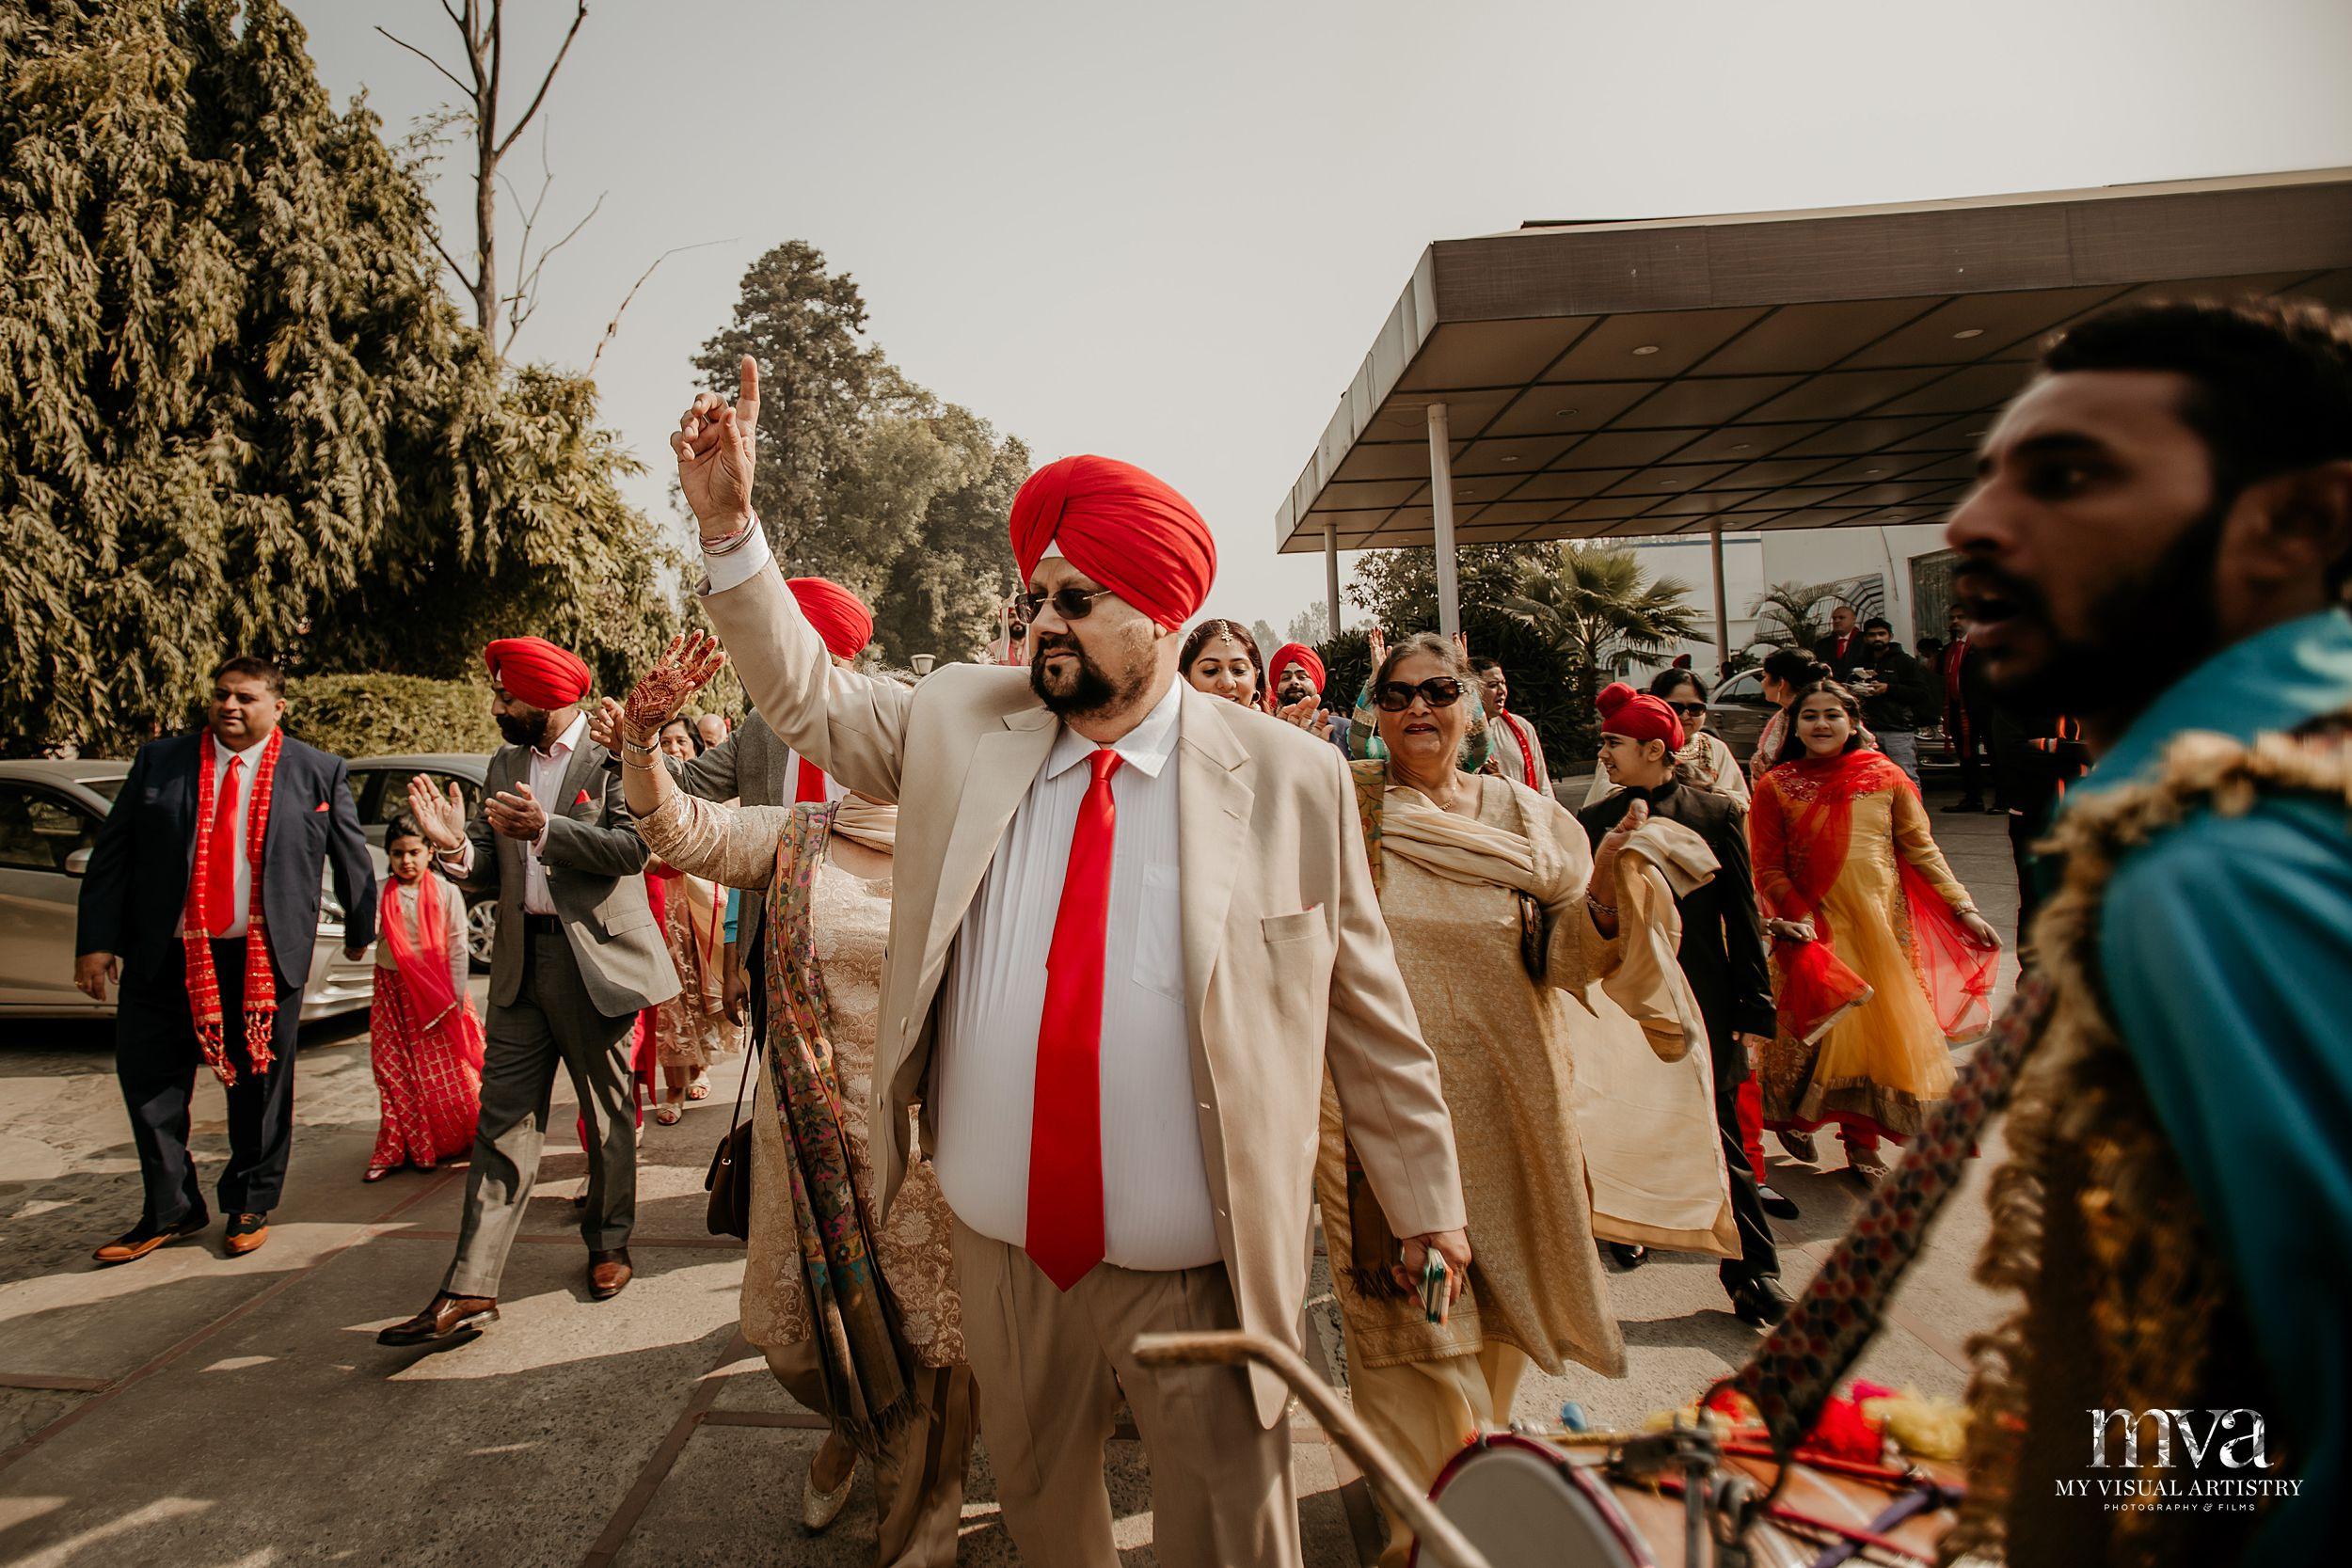 anant_arundhati_myvisualartistry_mva_wedding_sikh_ - 257.jpg